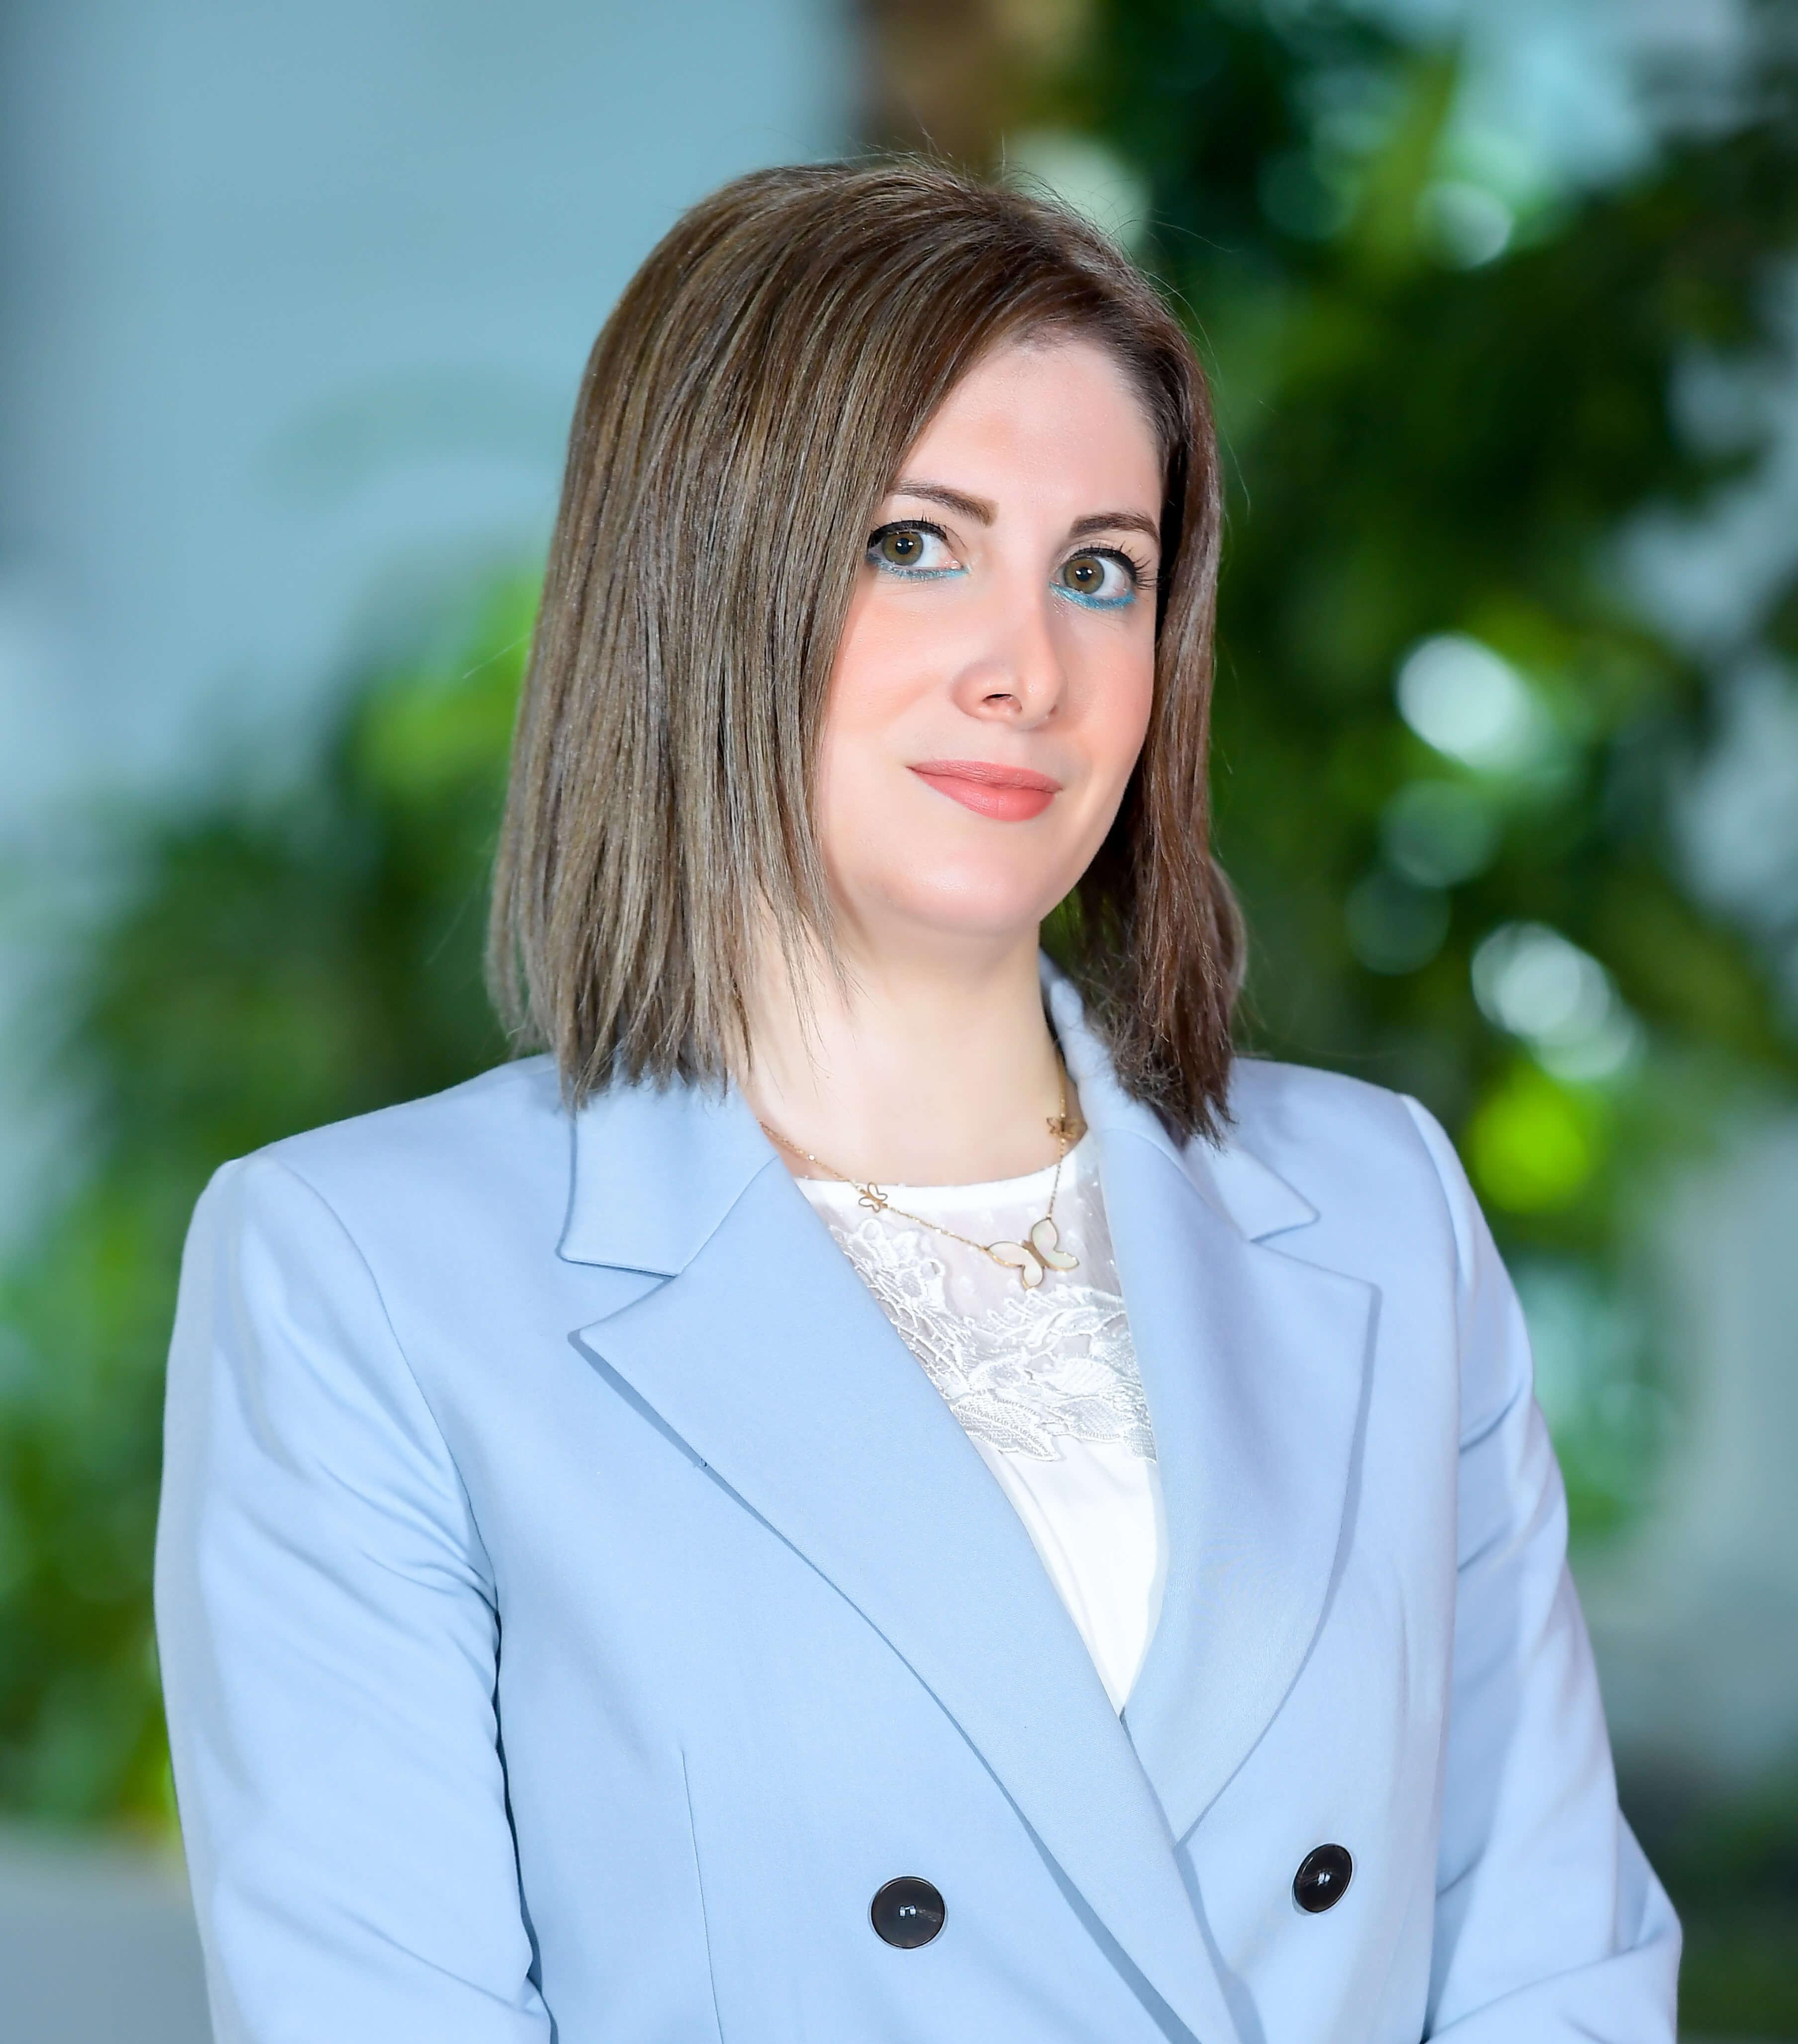 Dr. Mayssa Hachem Al Galib